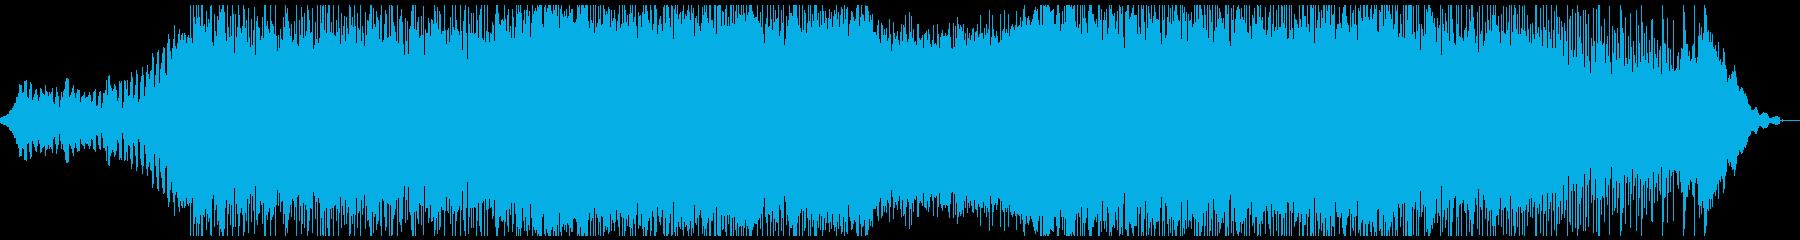 ダブスッテプ 実験的な おしゃれ ...の再生済みの波形